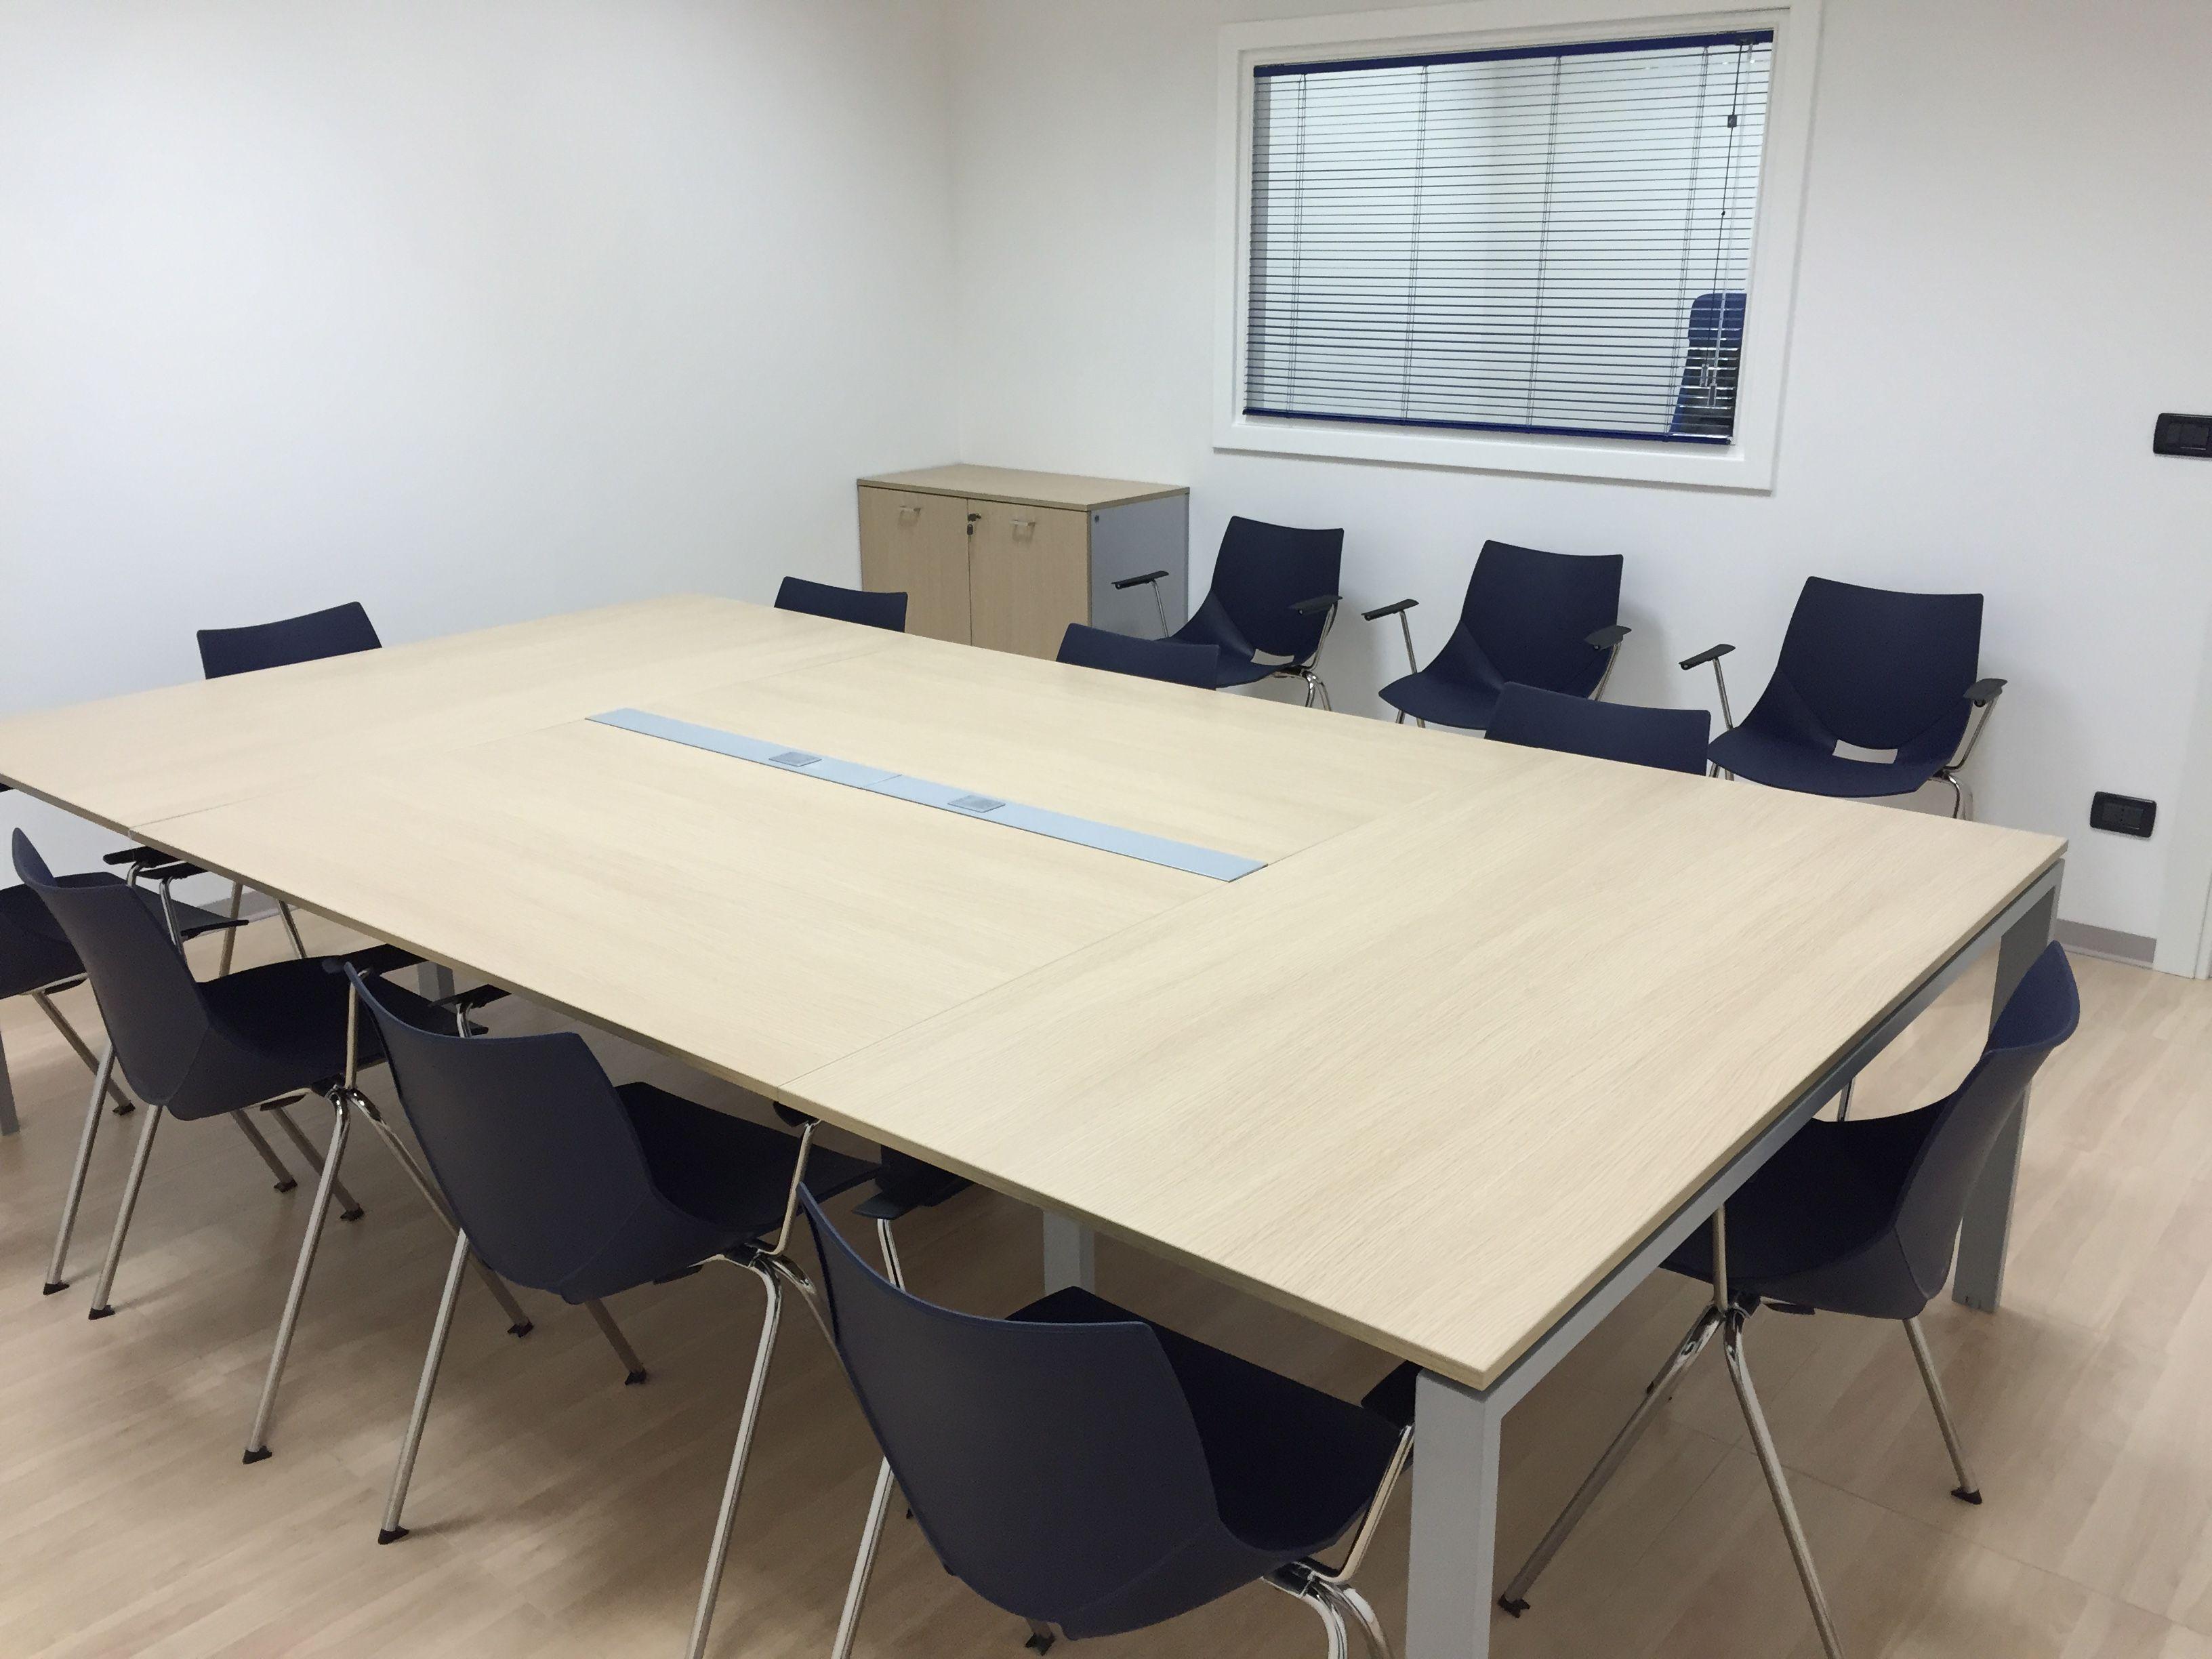 Tavolo Riunioni Ergonomico Con Prese Centrali Per Collegamento Computer Sedute In Polipropilene Vari Colori Nel 2021 Tavolo Riunioni Arredamento Per Ufficio Tavolo